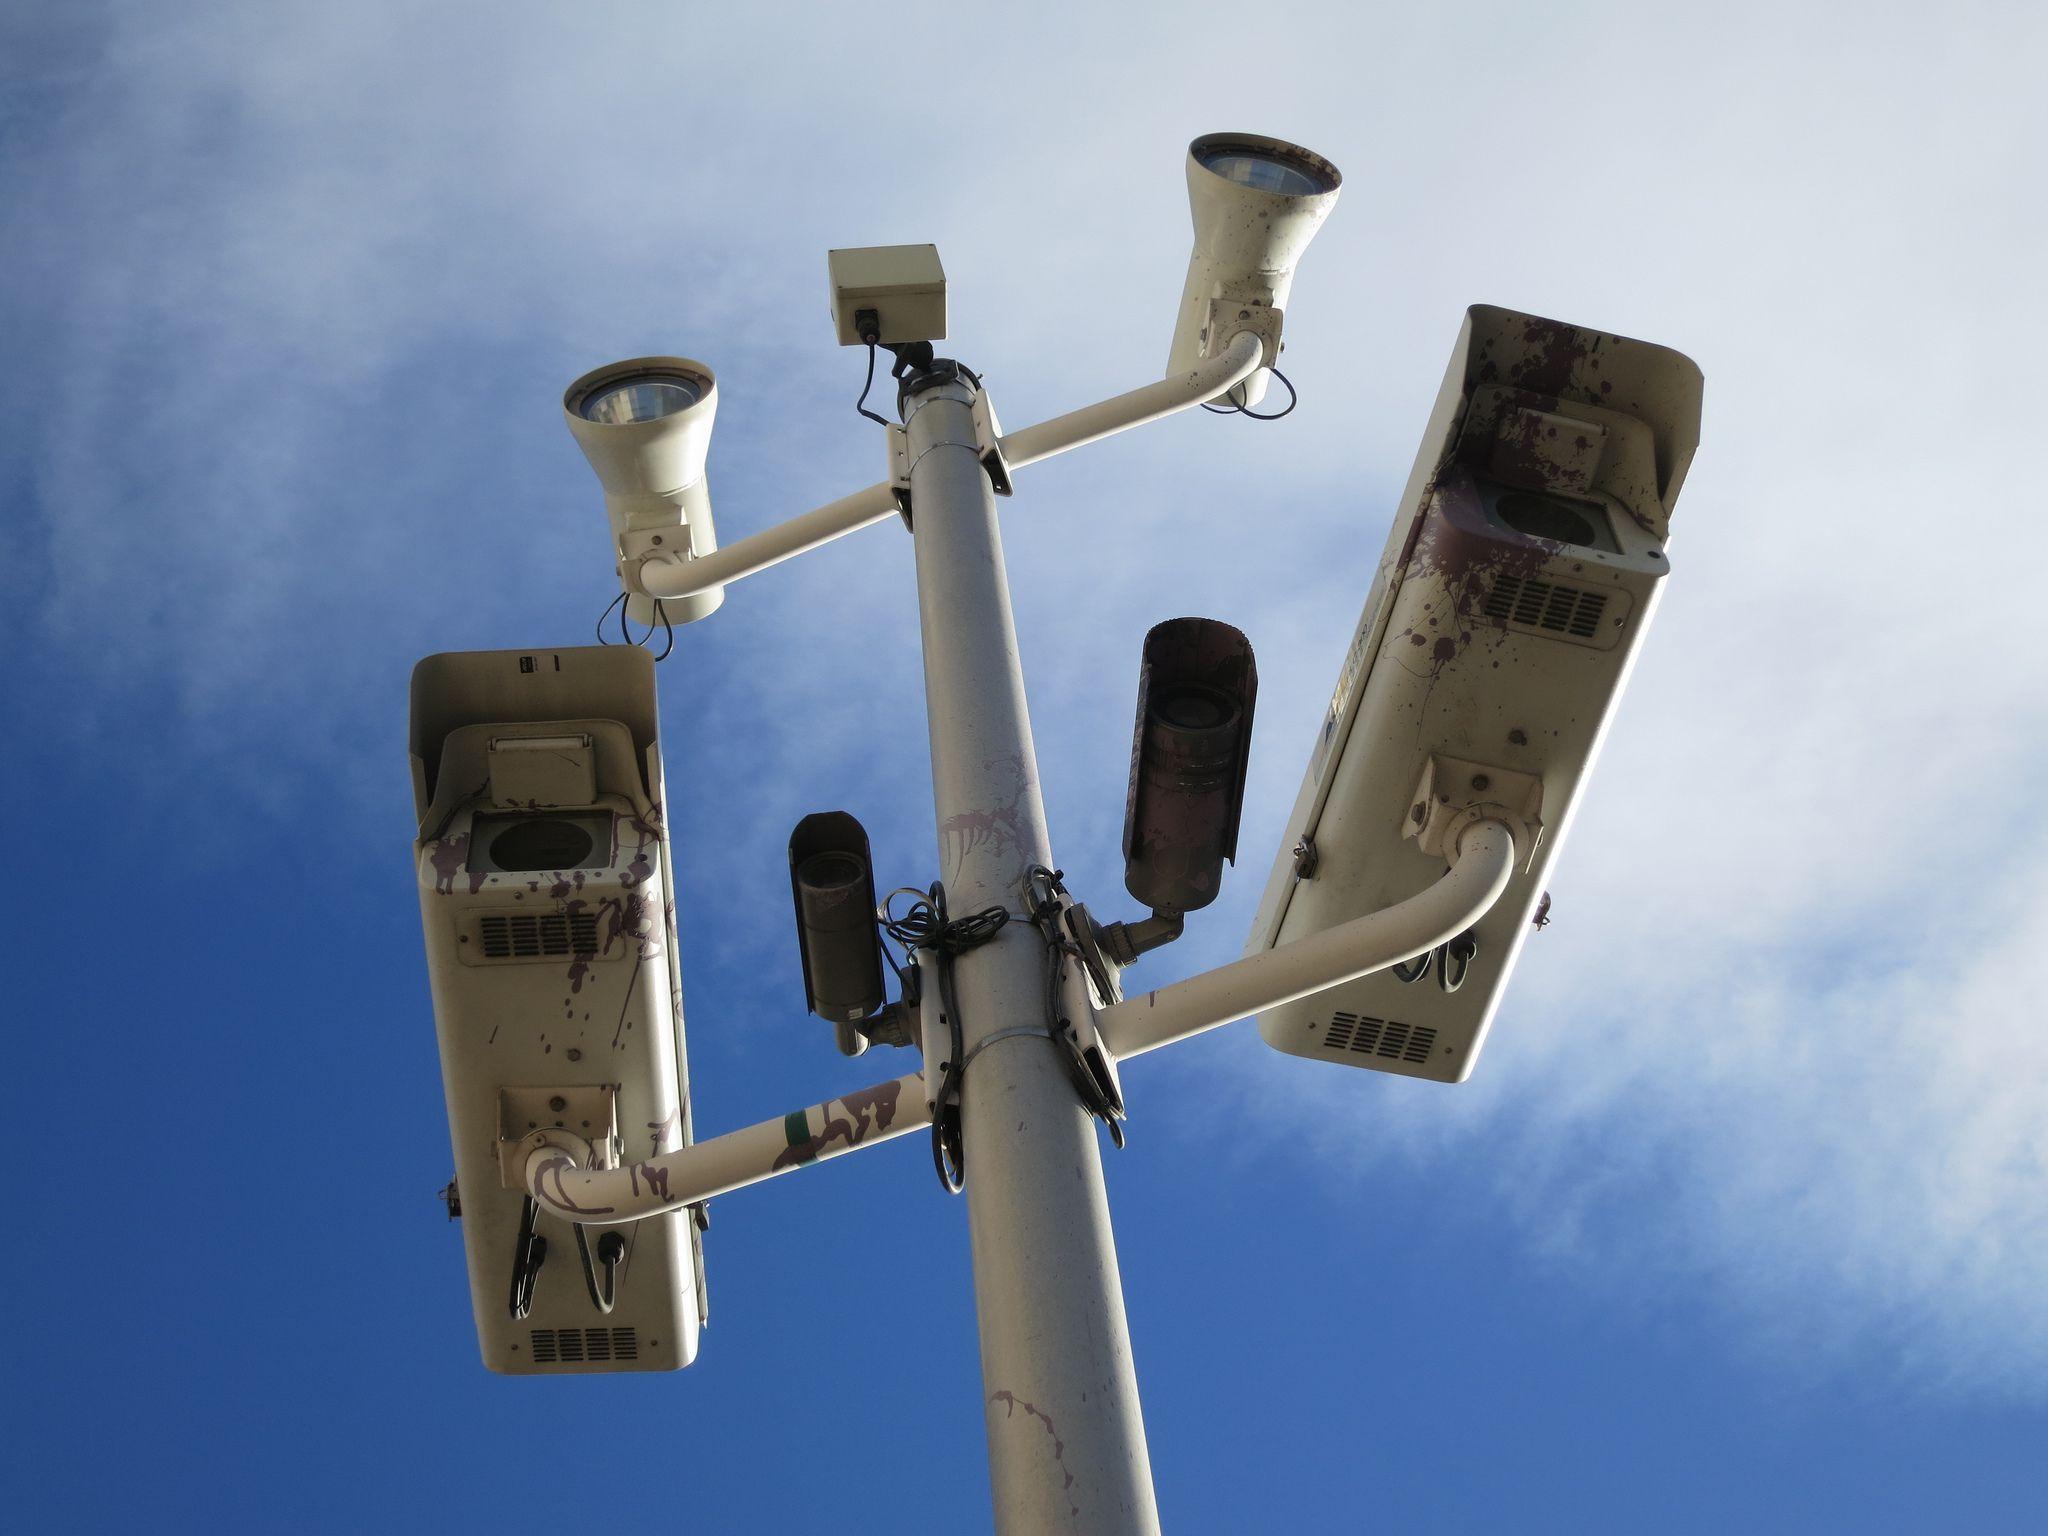 Florida's Red Light Cameras